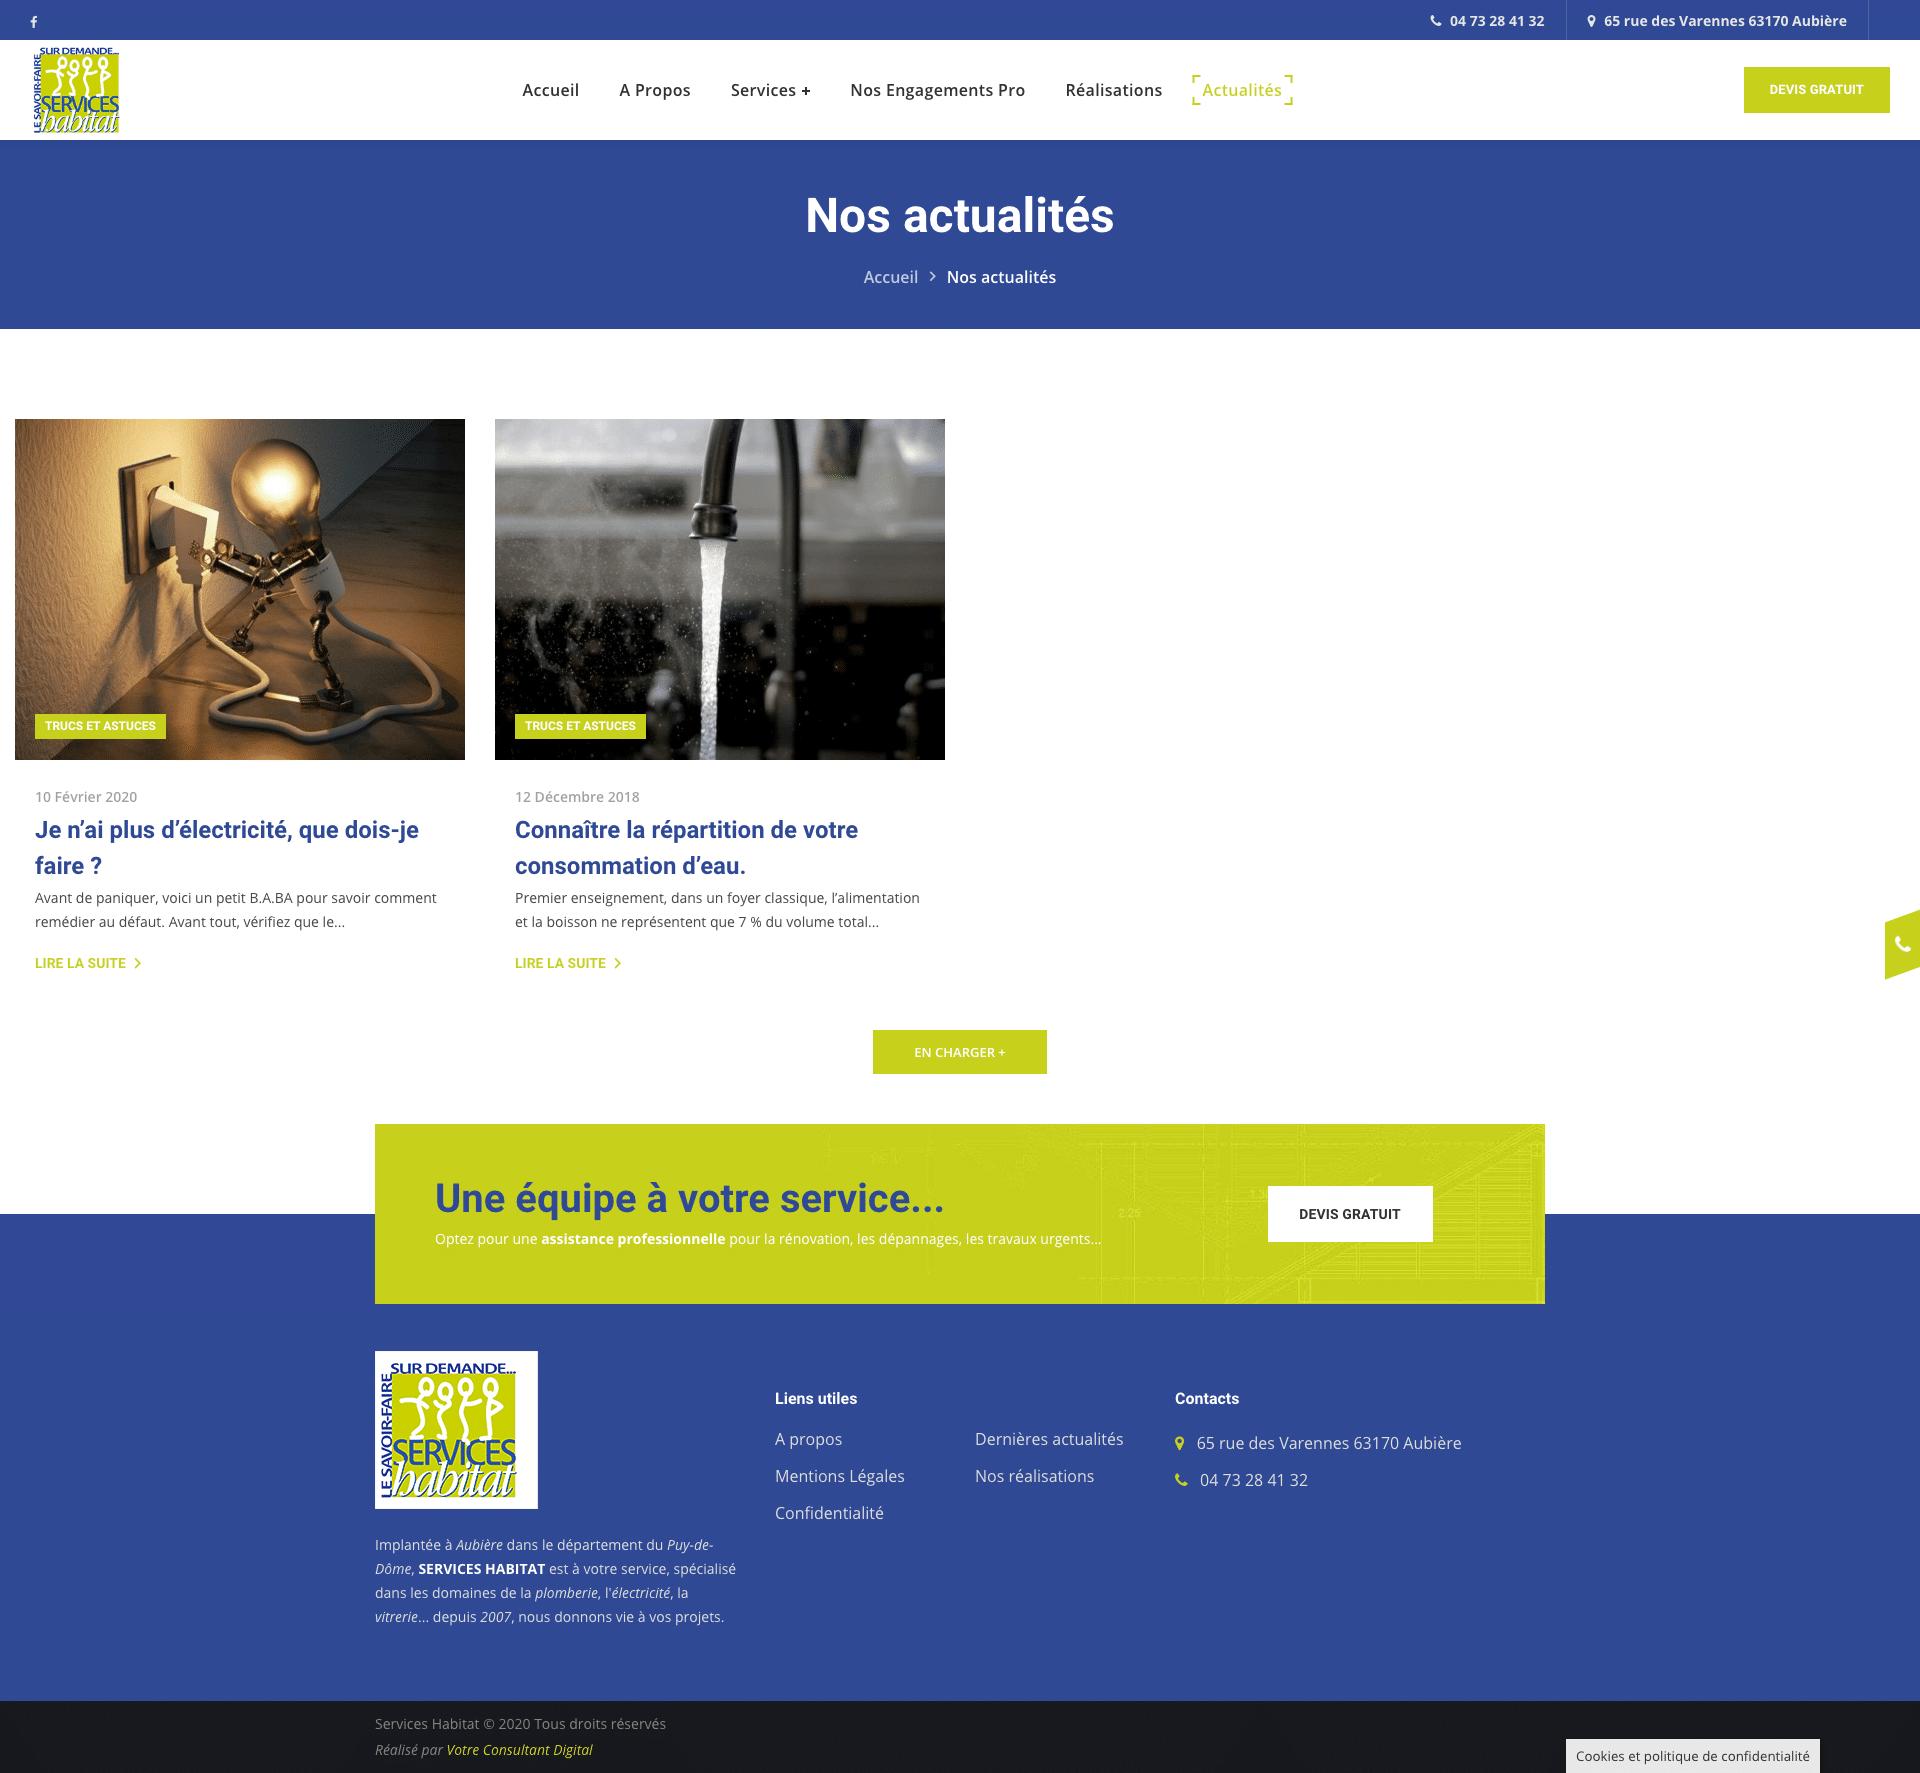 Archives blog - Services Habitat 63